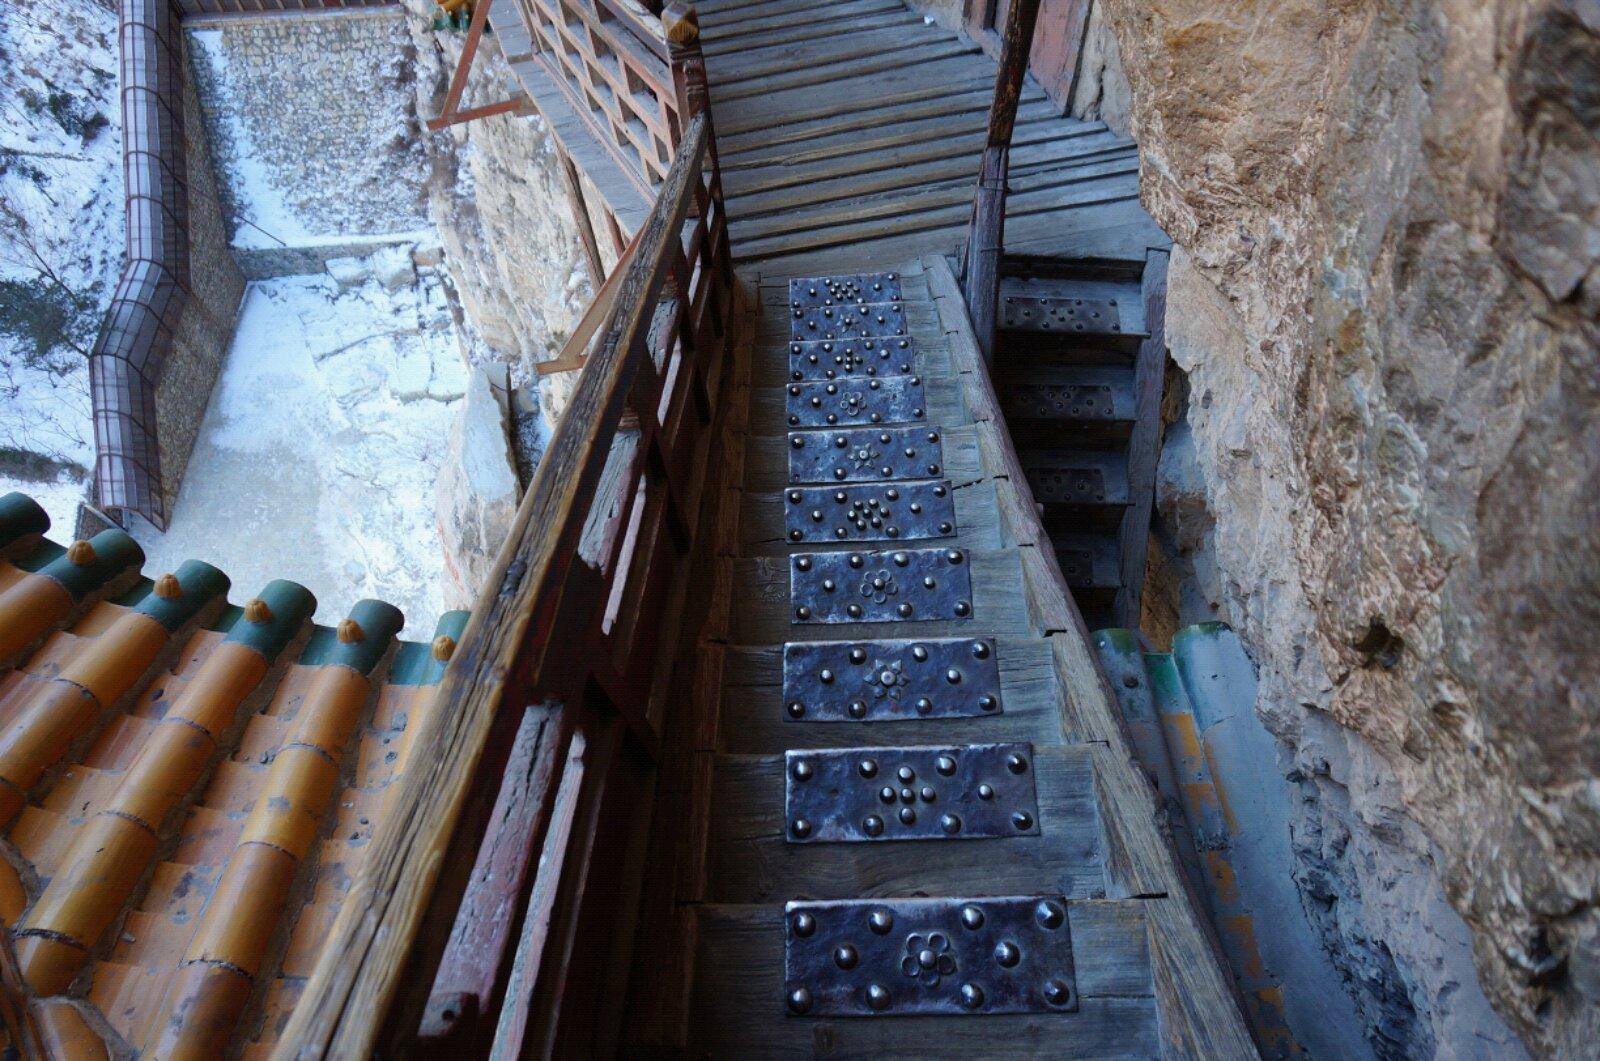 木板楼梯上铺设柳丁铁板防滑